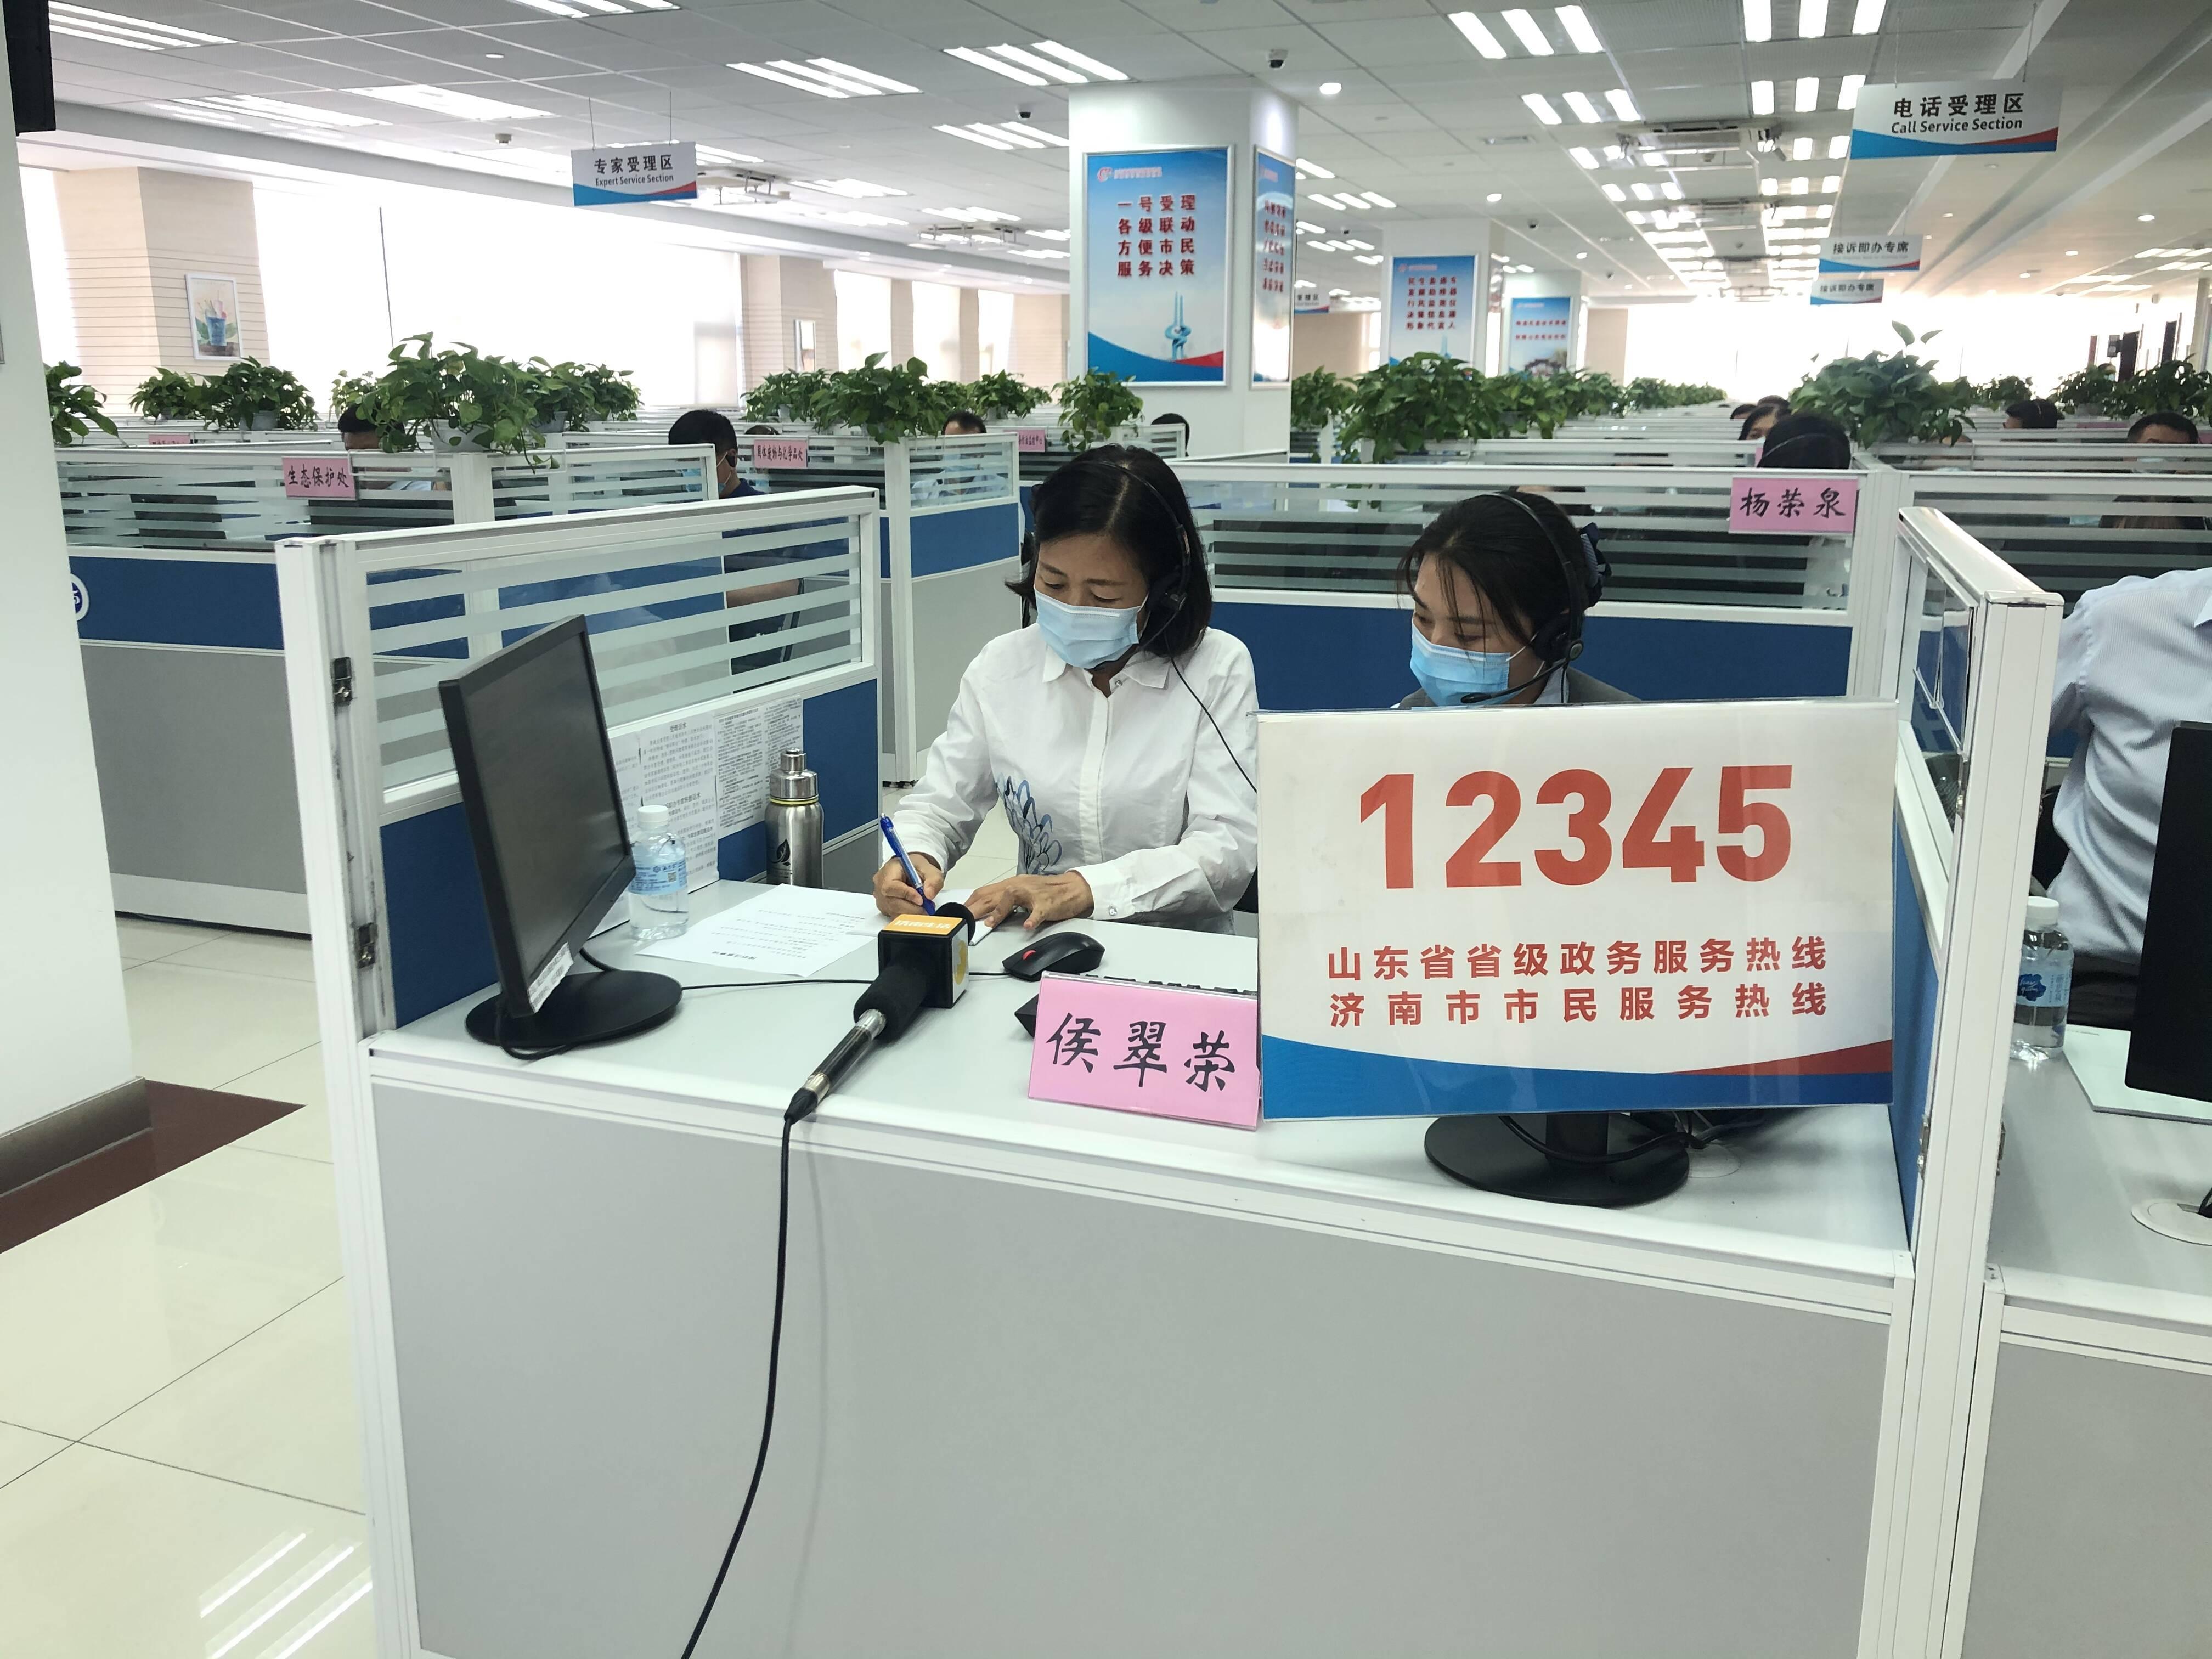 切实解决生态环保问题!济南市生态环境局局长侯翠荣带队接听12345市民服务热线